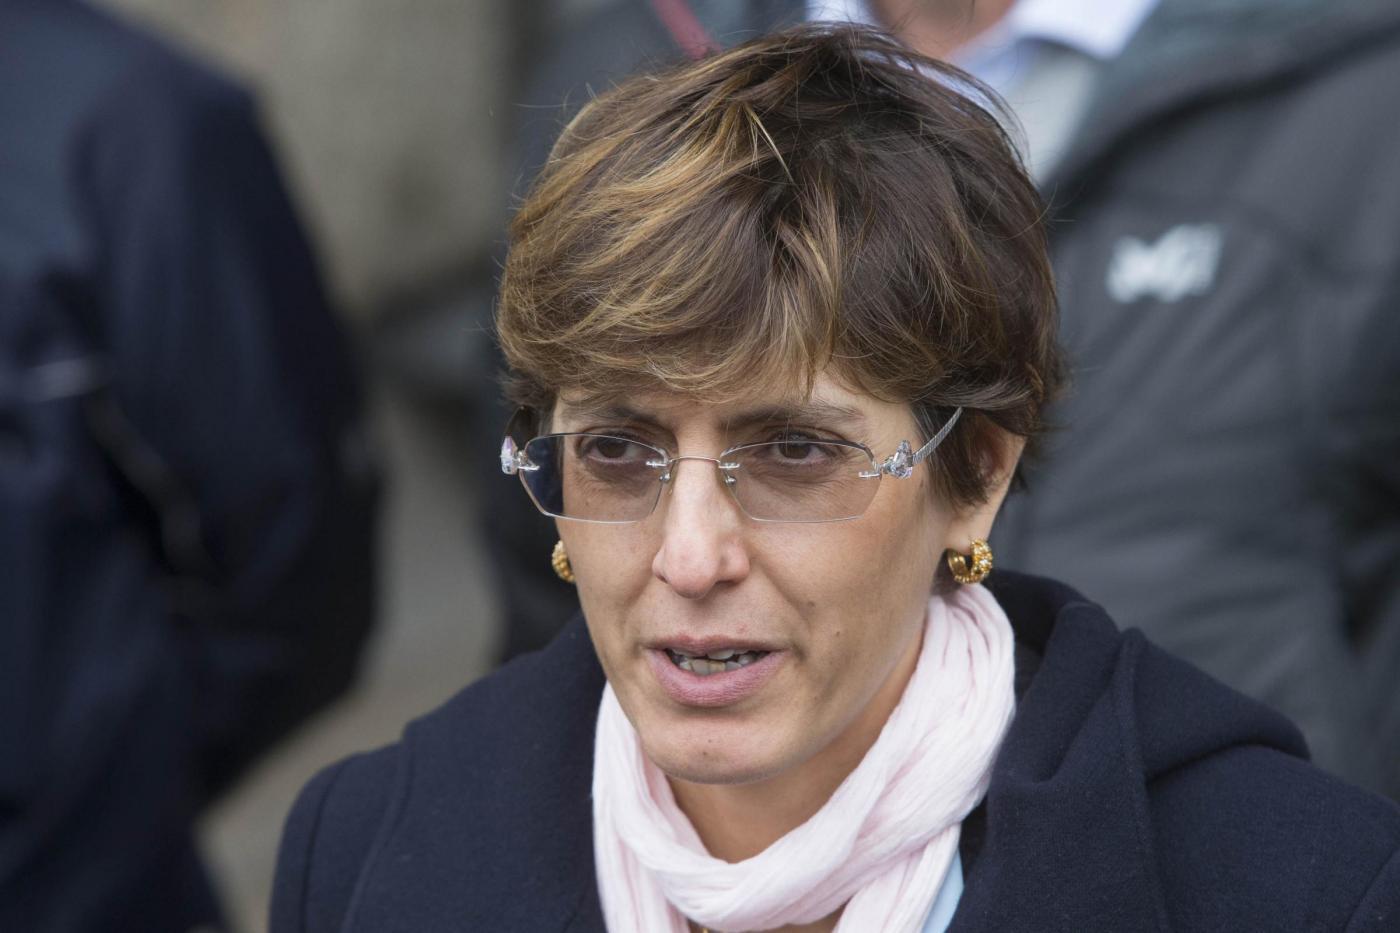 Femminicidio, Giulia Bongiorno chiede l'ergastolo per chi commette il reato